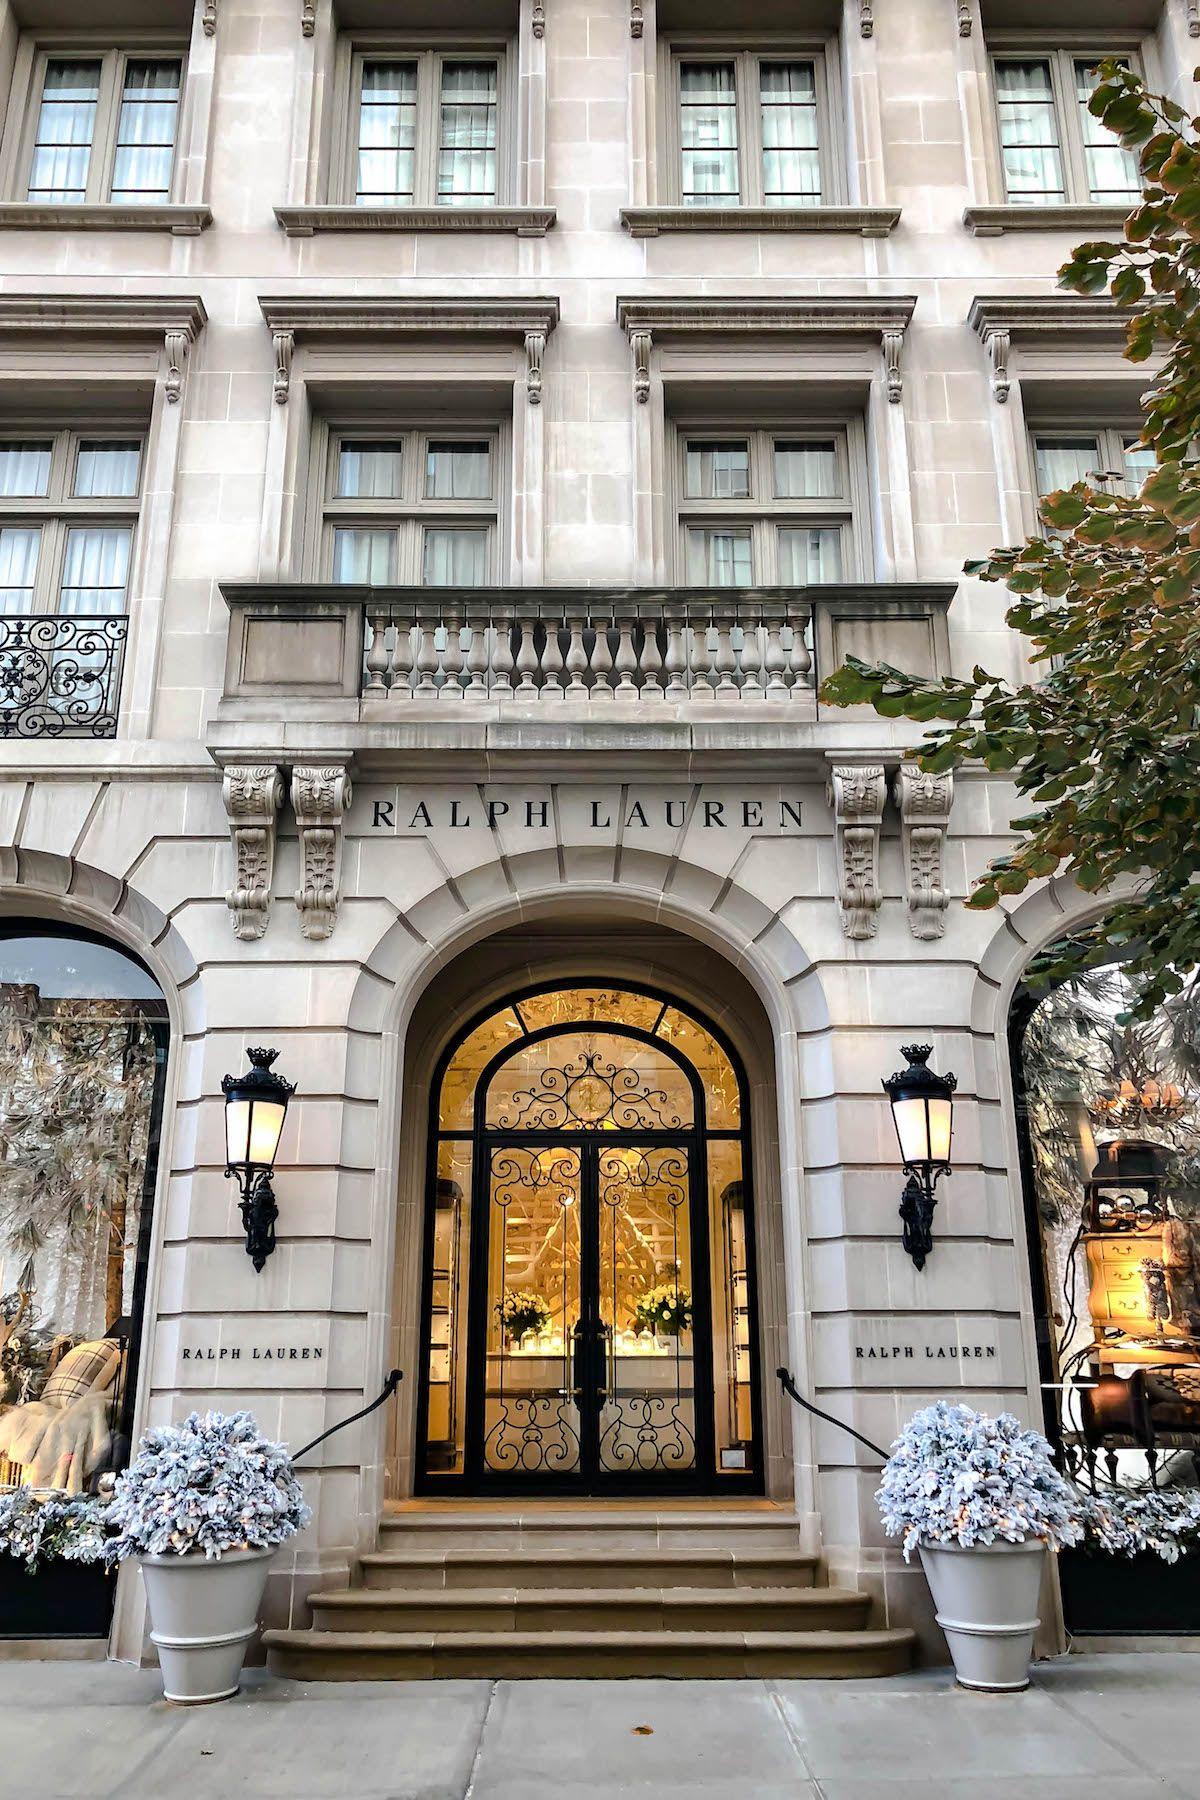 Ralph Lauren New York City Stores